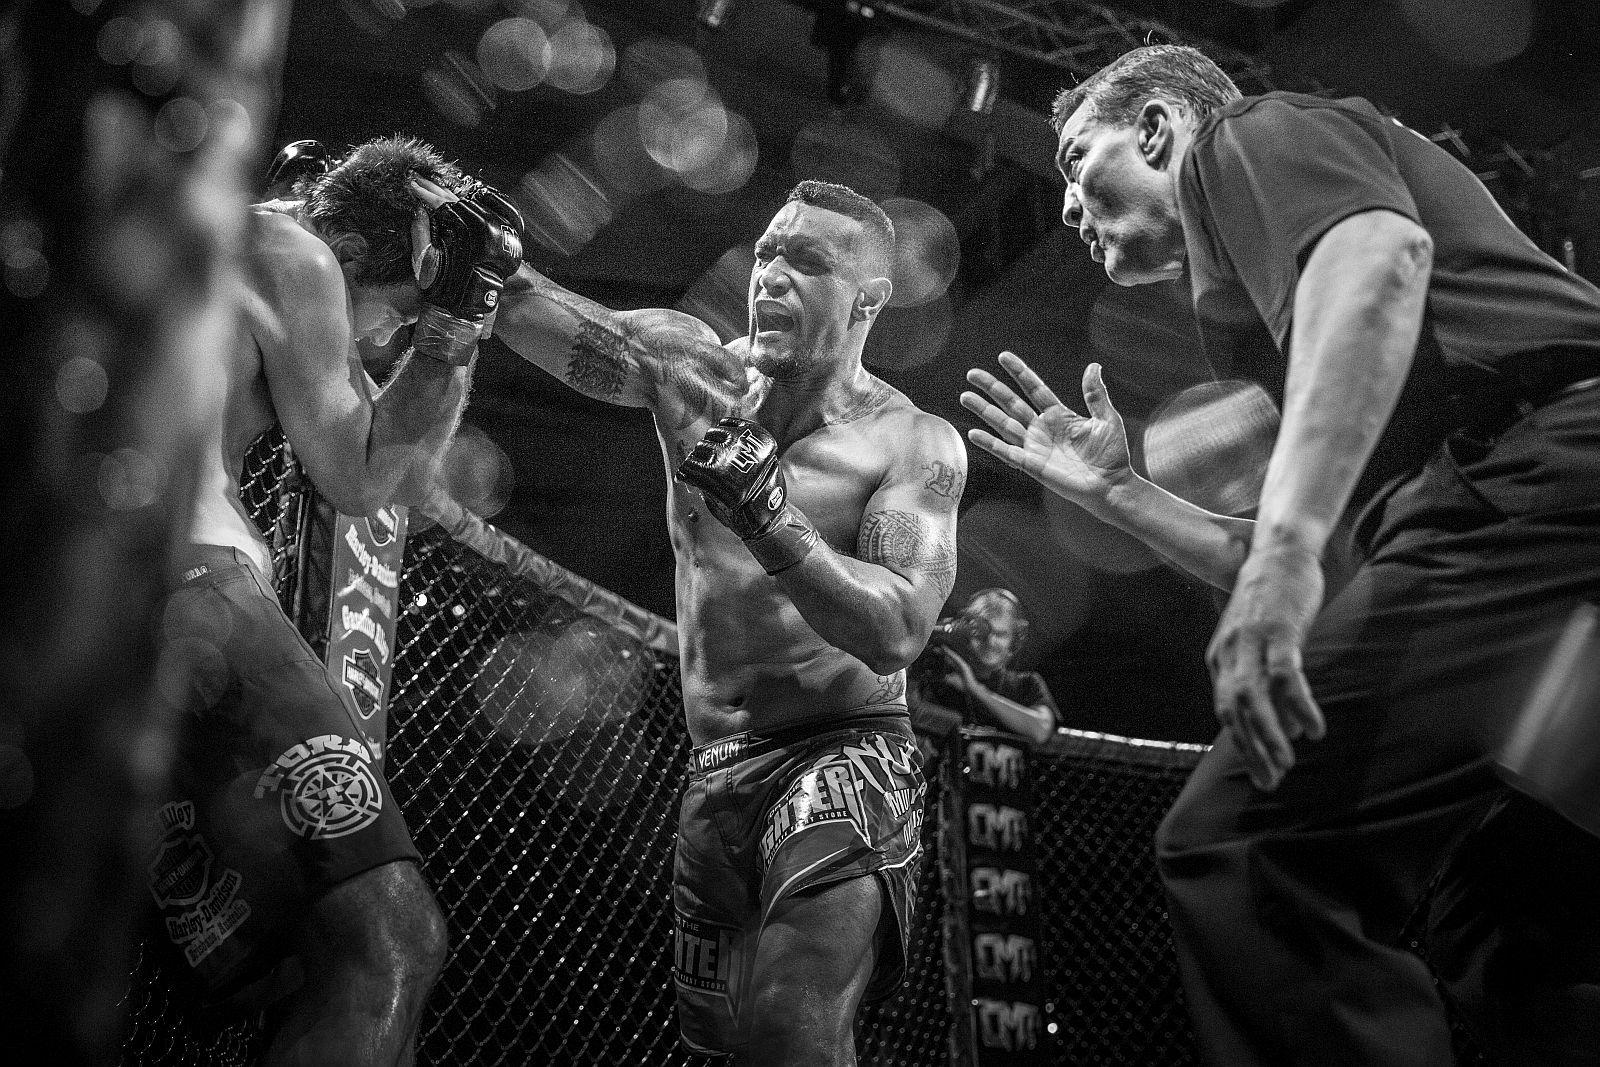 «Боксер Муай Тай». Третє місце в номінації «Editorial Sports». Фото: Matt Palmer